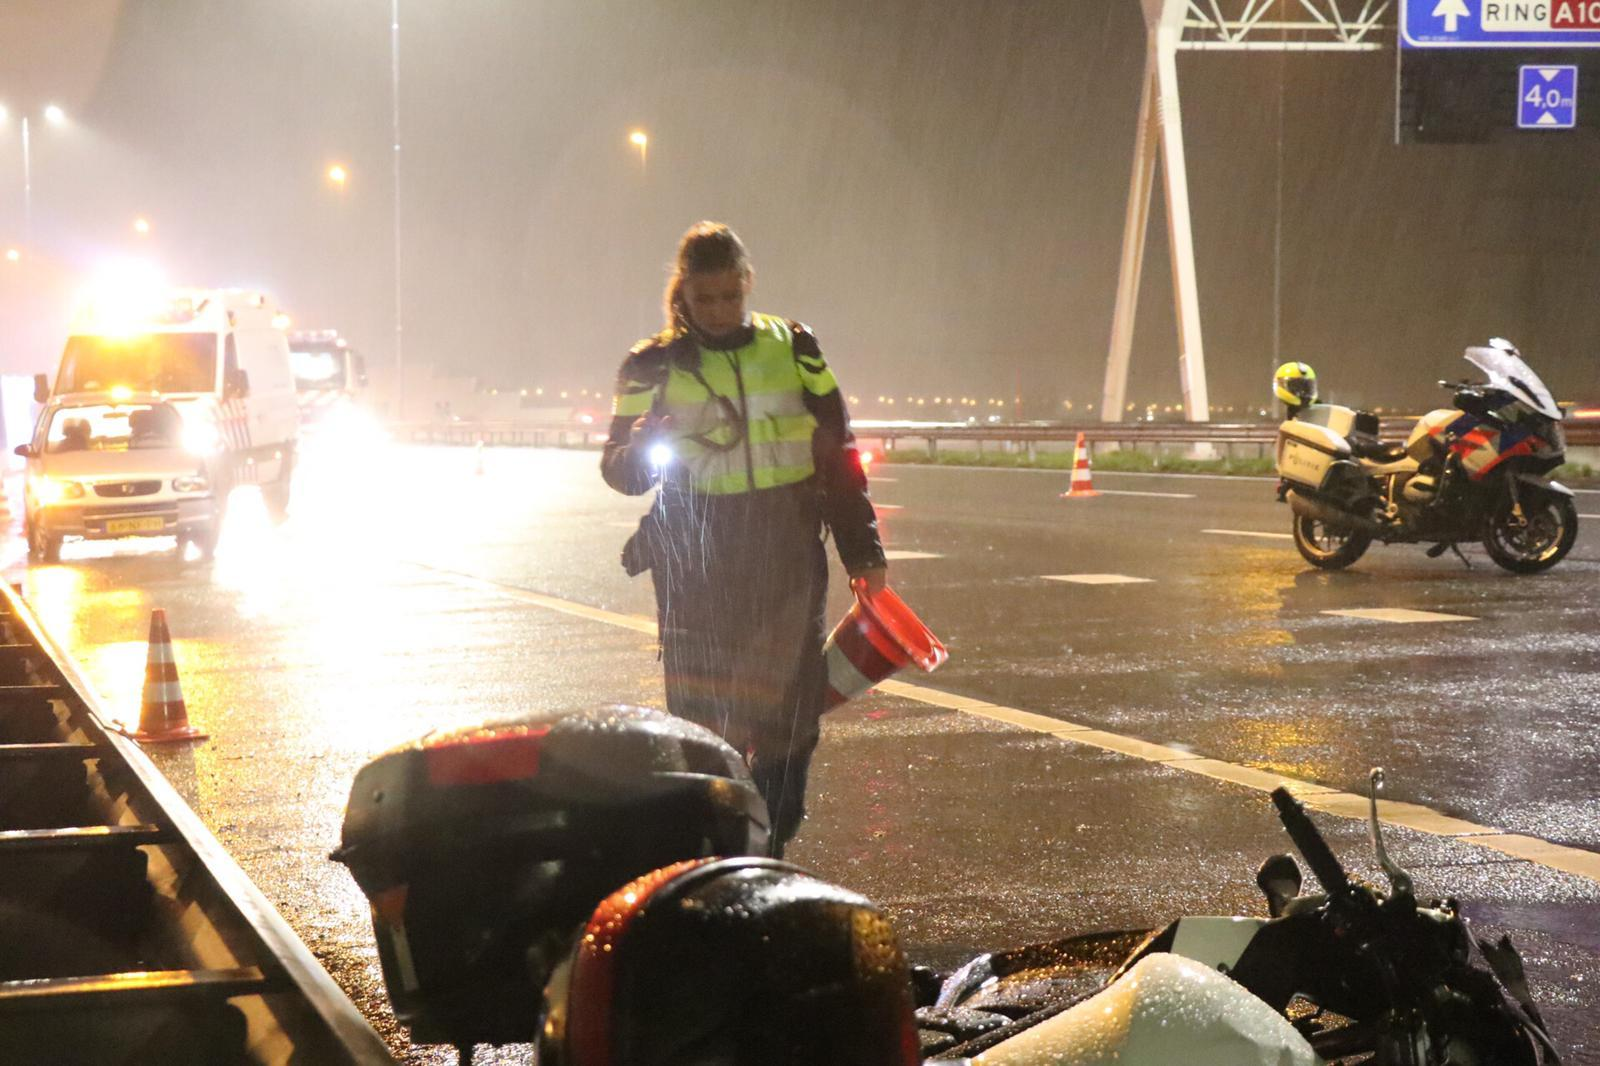 Strafeis 8 jaar voor dood injagen van motorrijder en vriendin op A10 bij Oostzaan